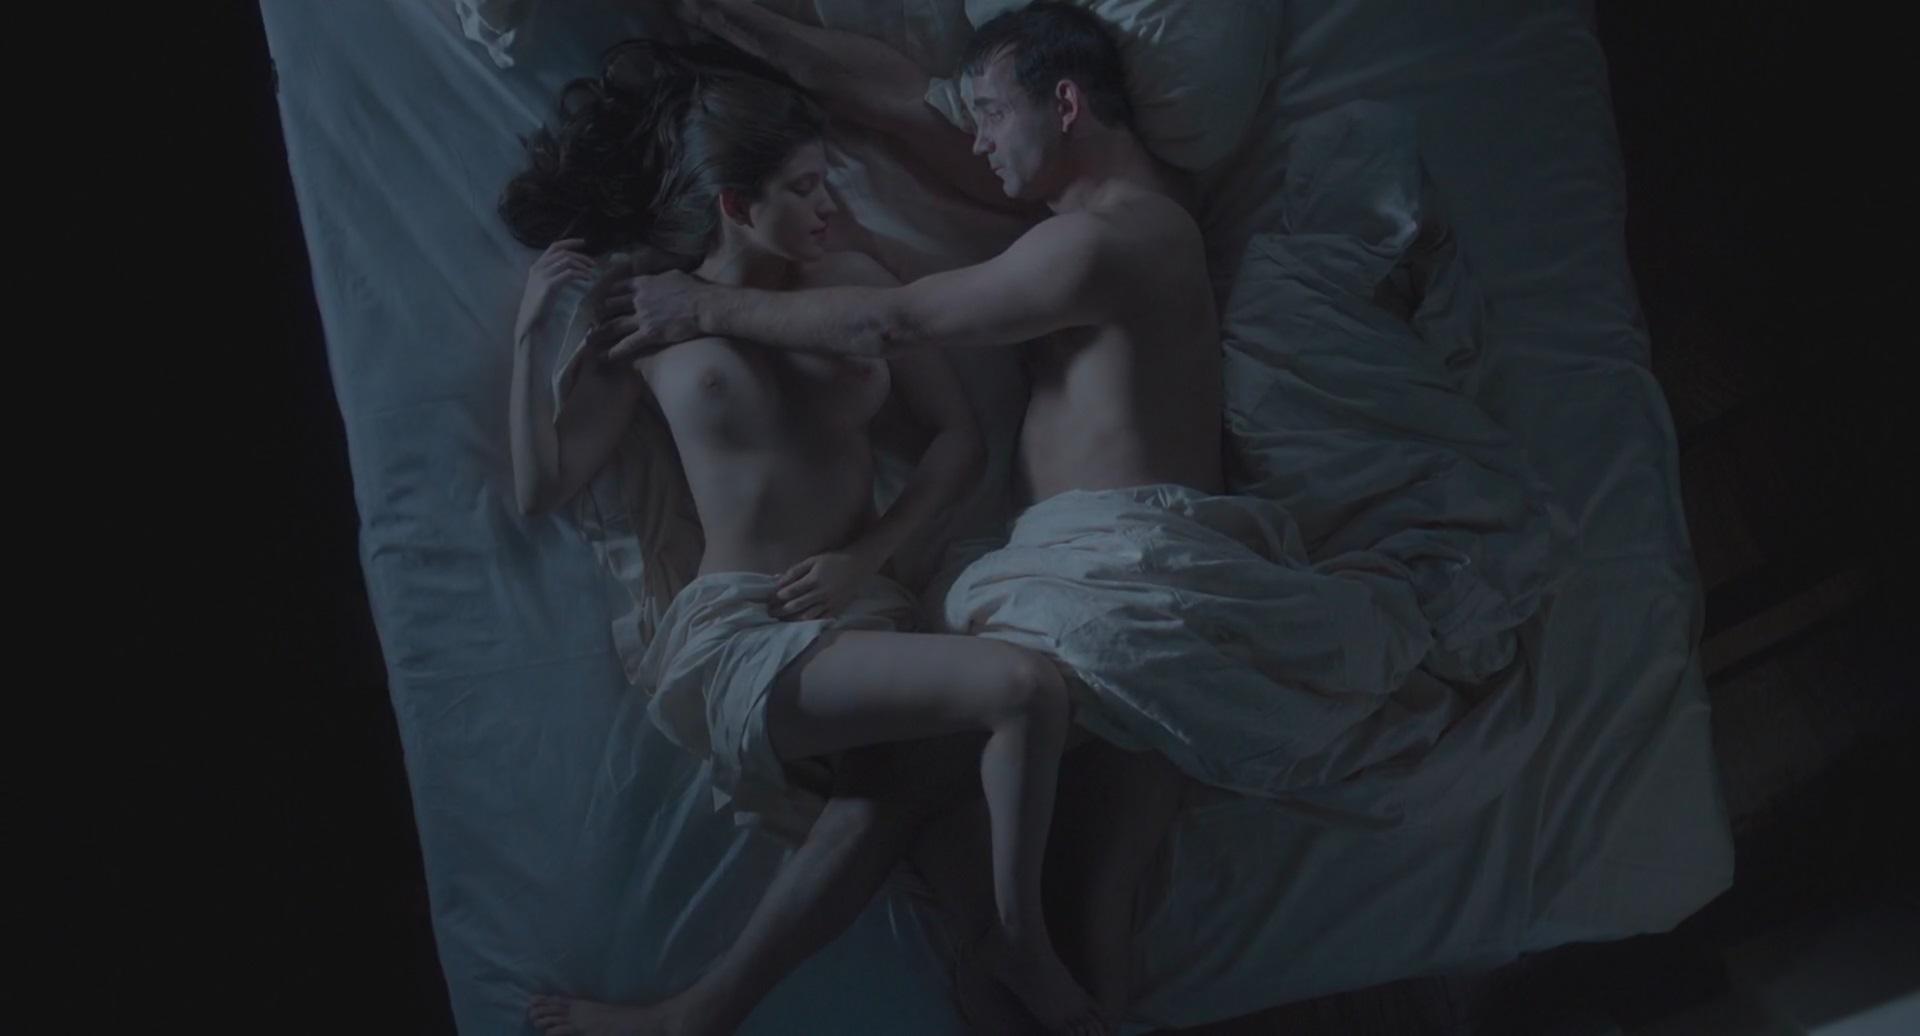 hutore-porno-russkiy-film-kino-seks-krasavitsi